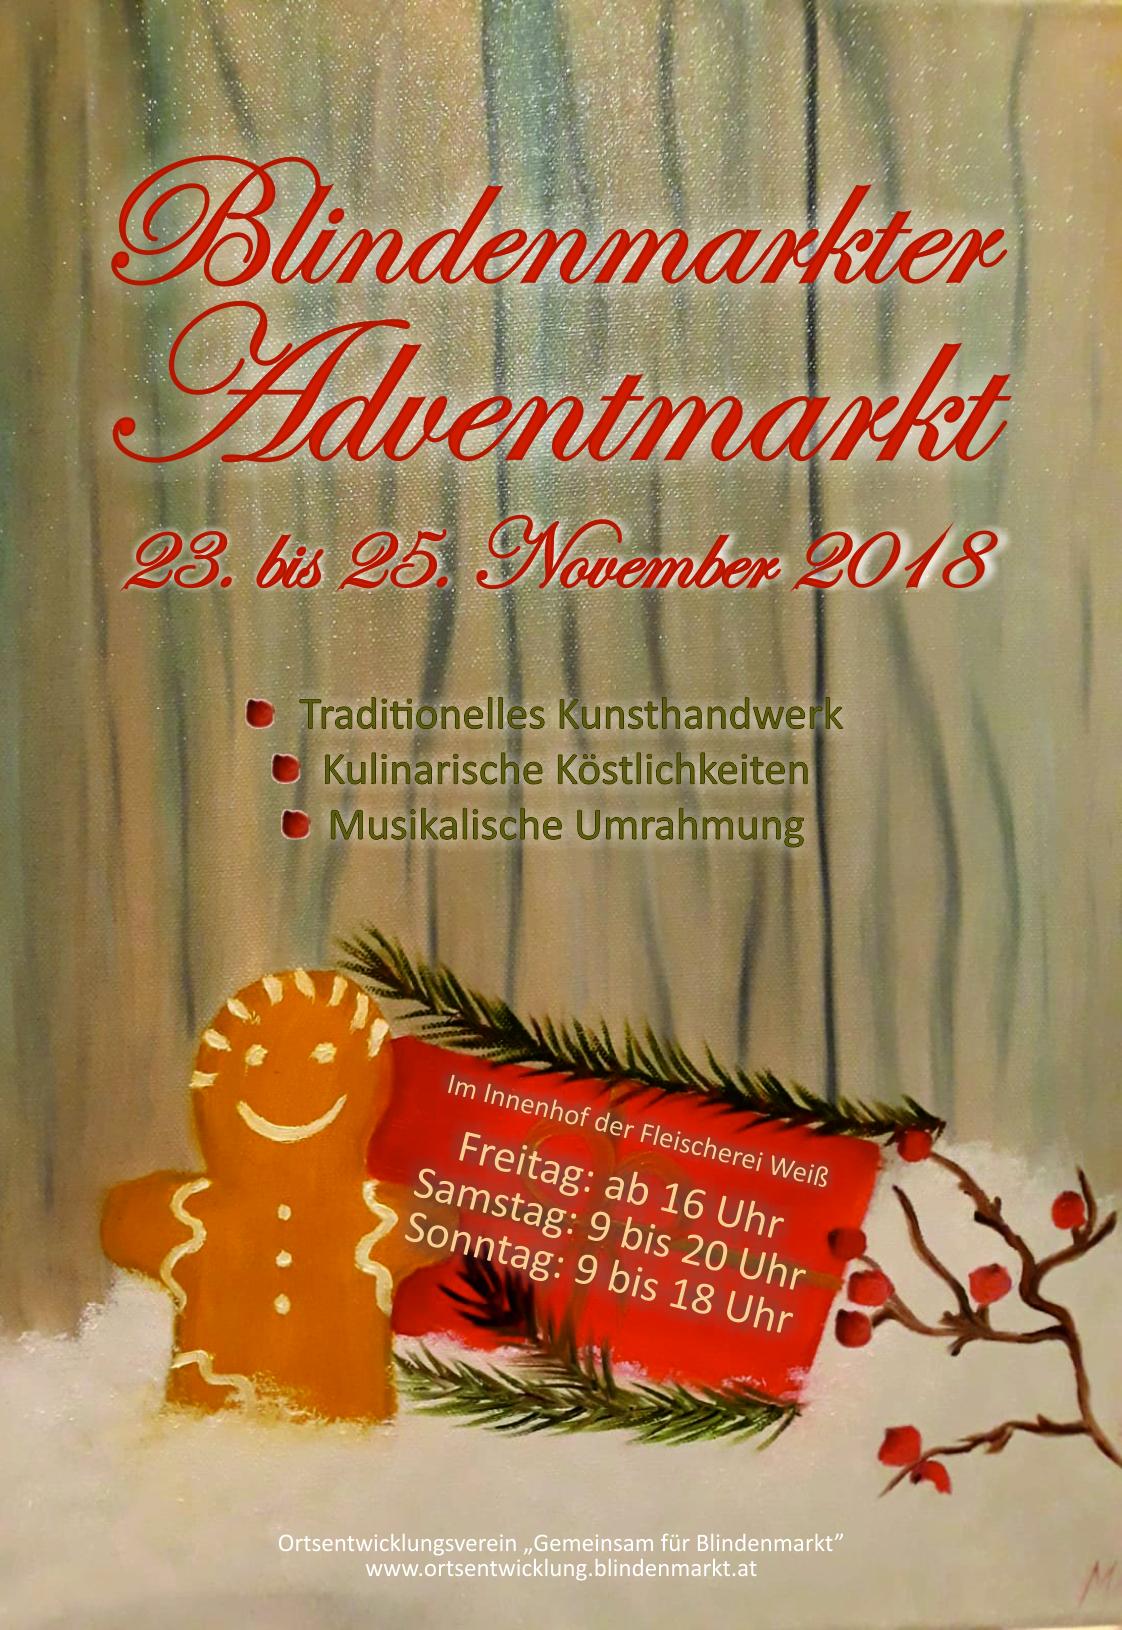 Blindenmarkter Adventmarkt 23.-25.11.2018